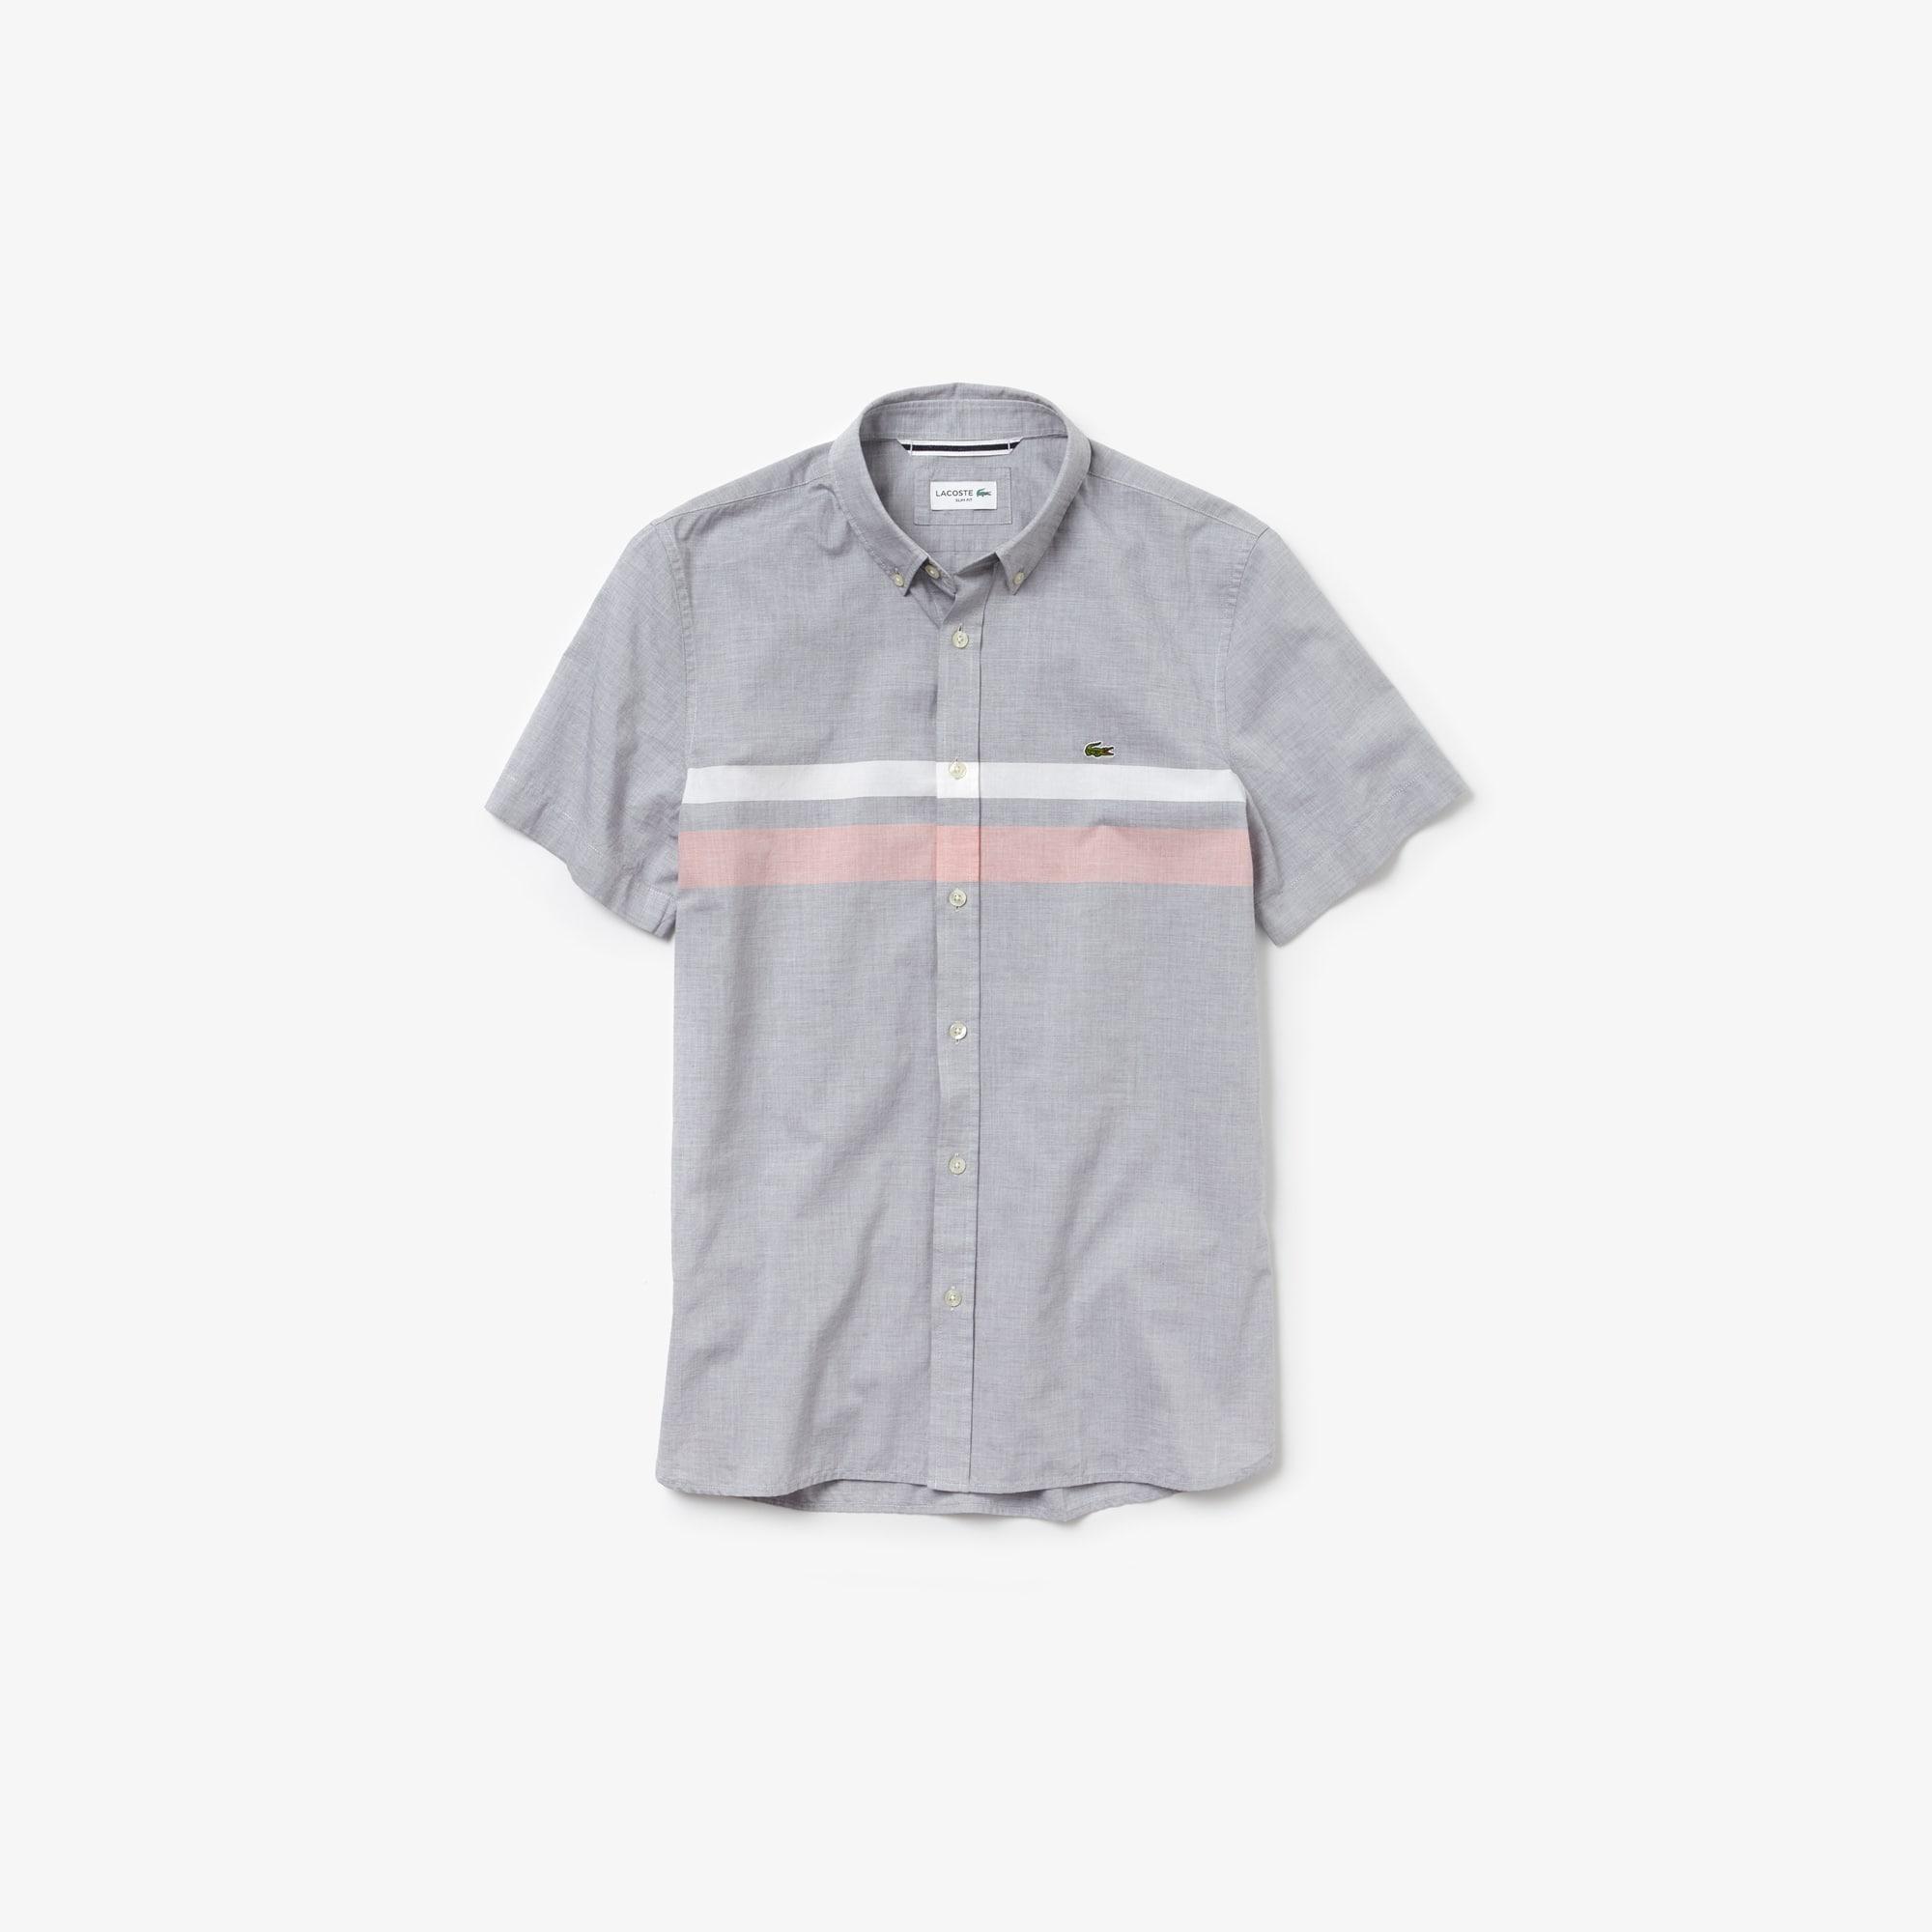 fb7f3c60d5 Men's Slim Fit Tricolour Striped Cotton Short Sleeves Shirt | LACOSTE